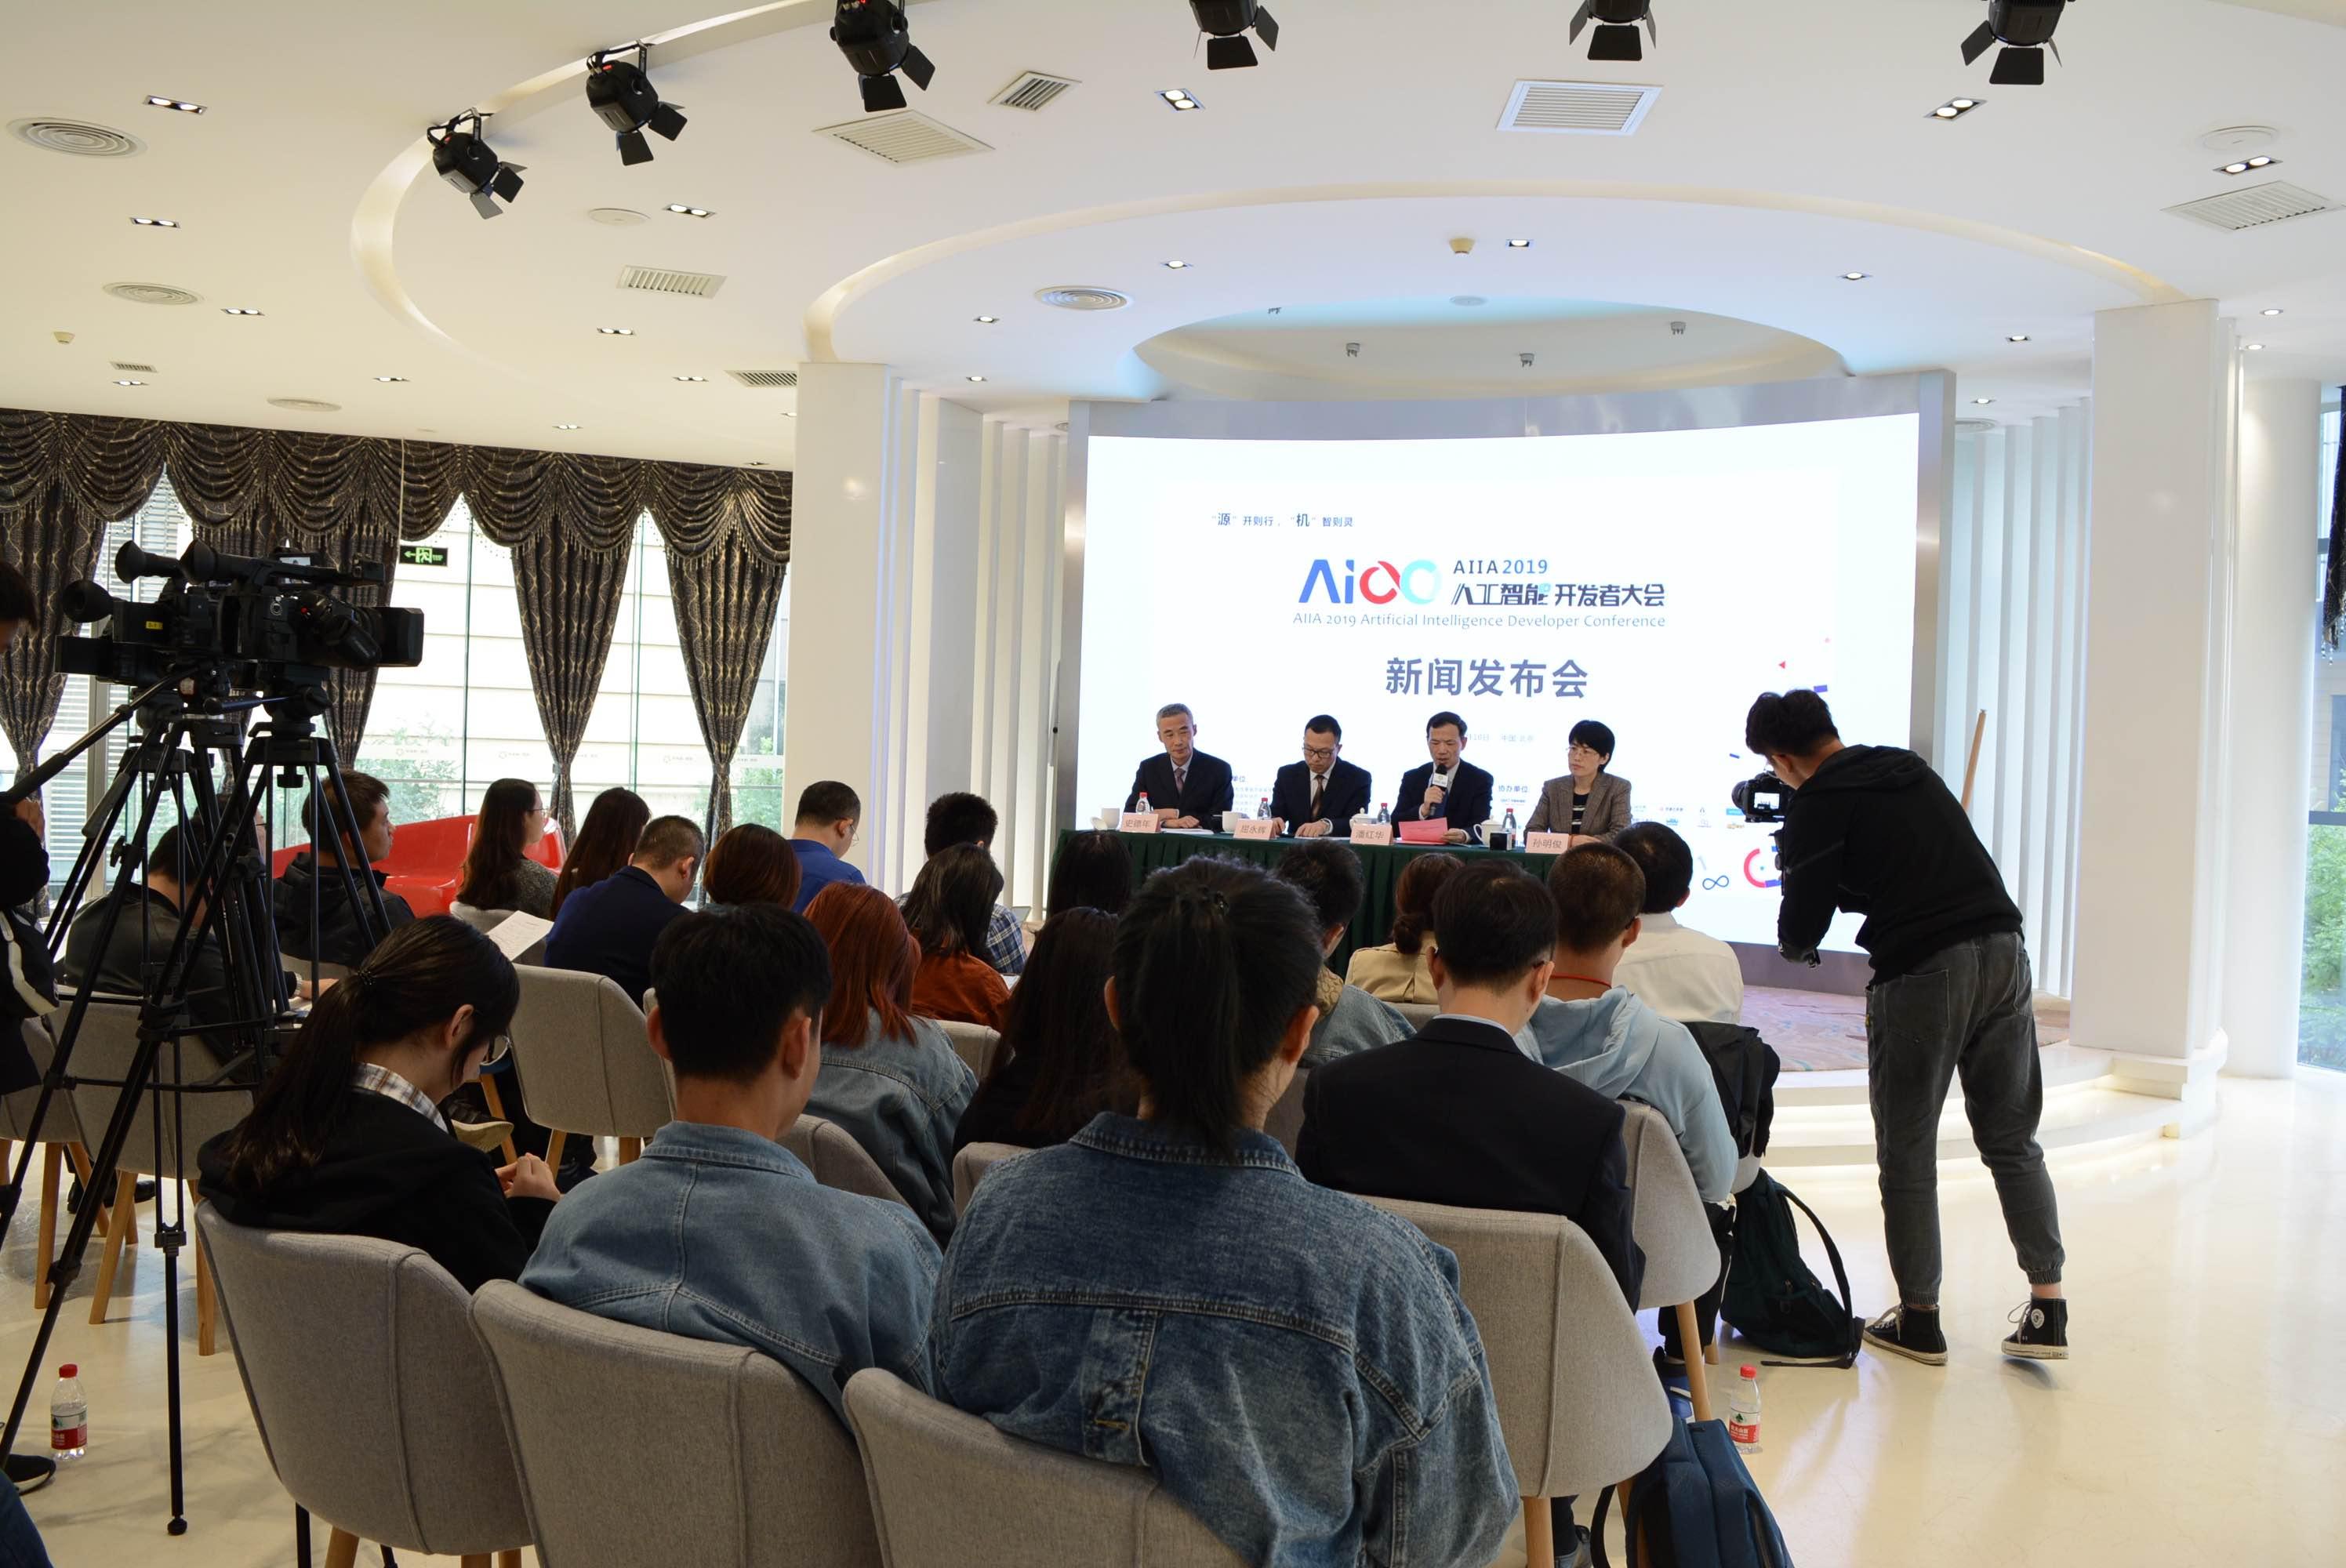 探索行业应用,展示智能场景——2019 AIIA开发者大会新闻发布会在京召开